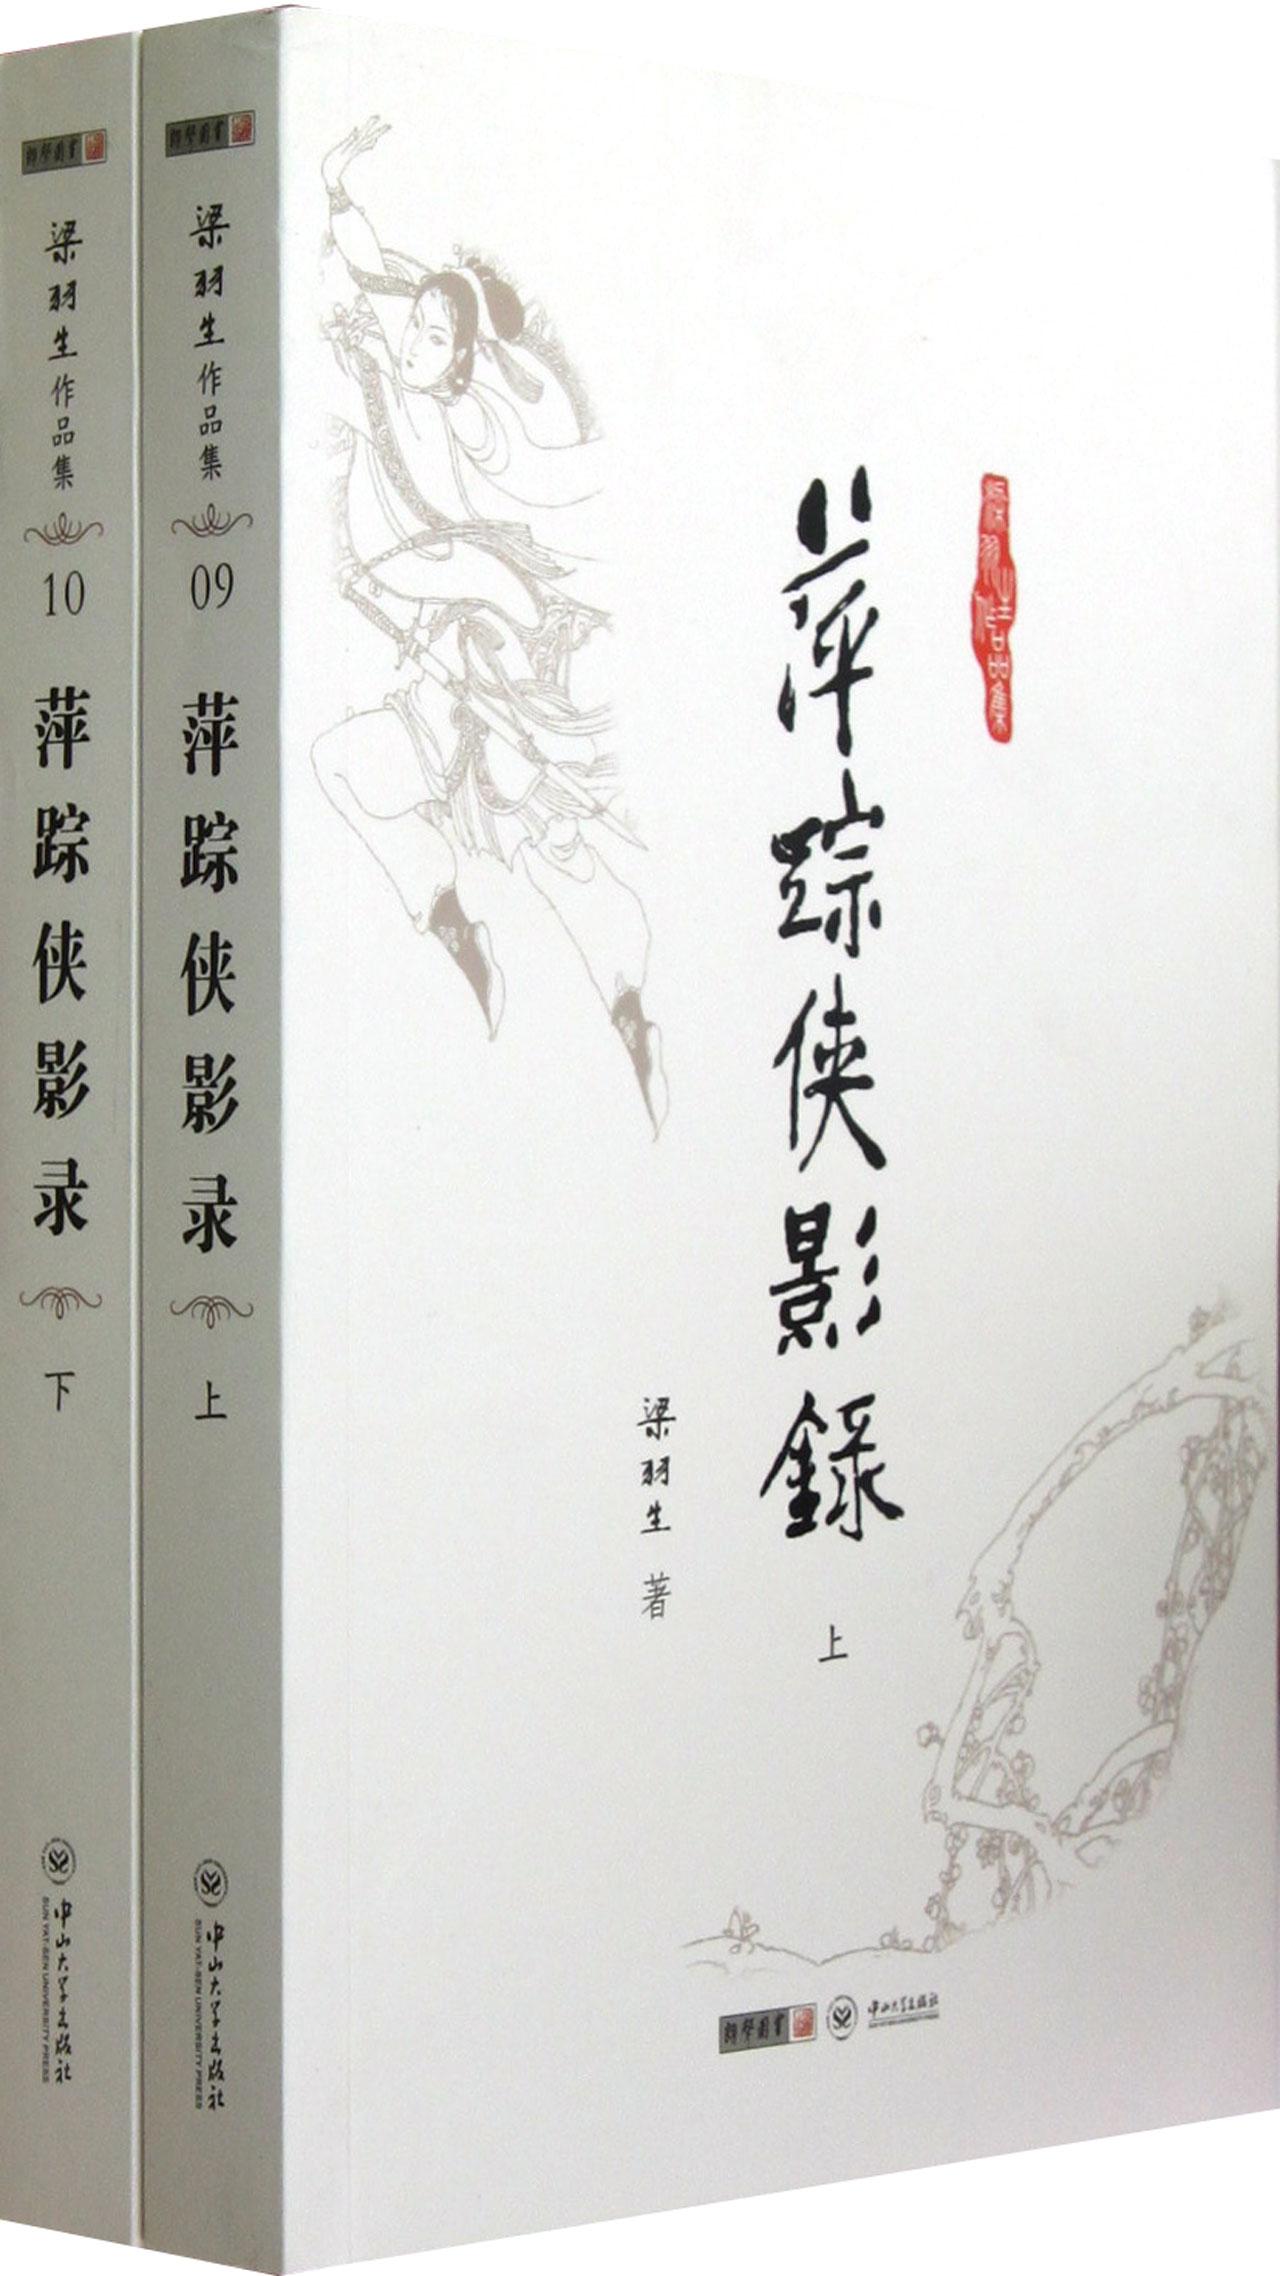 新仙鹤神针简谱